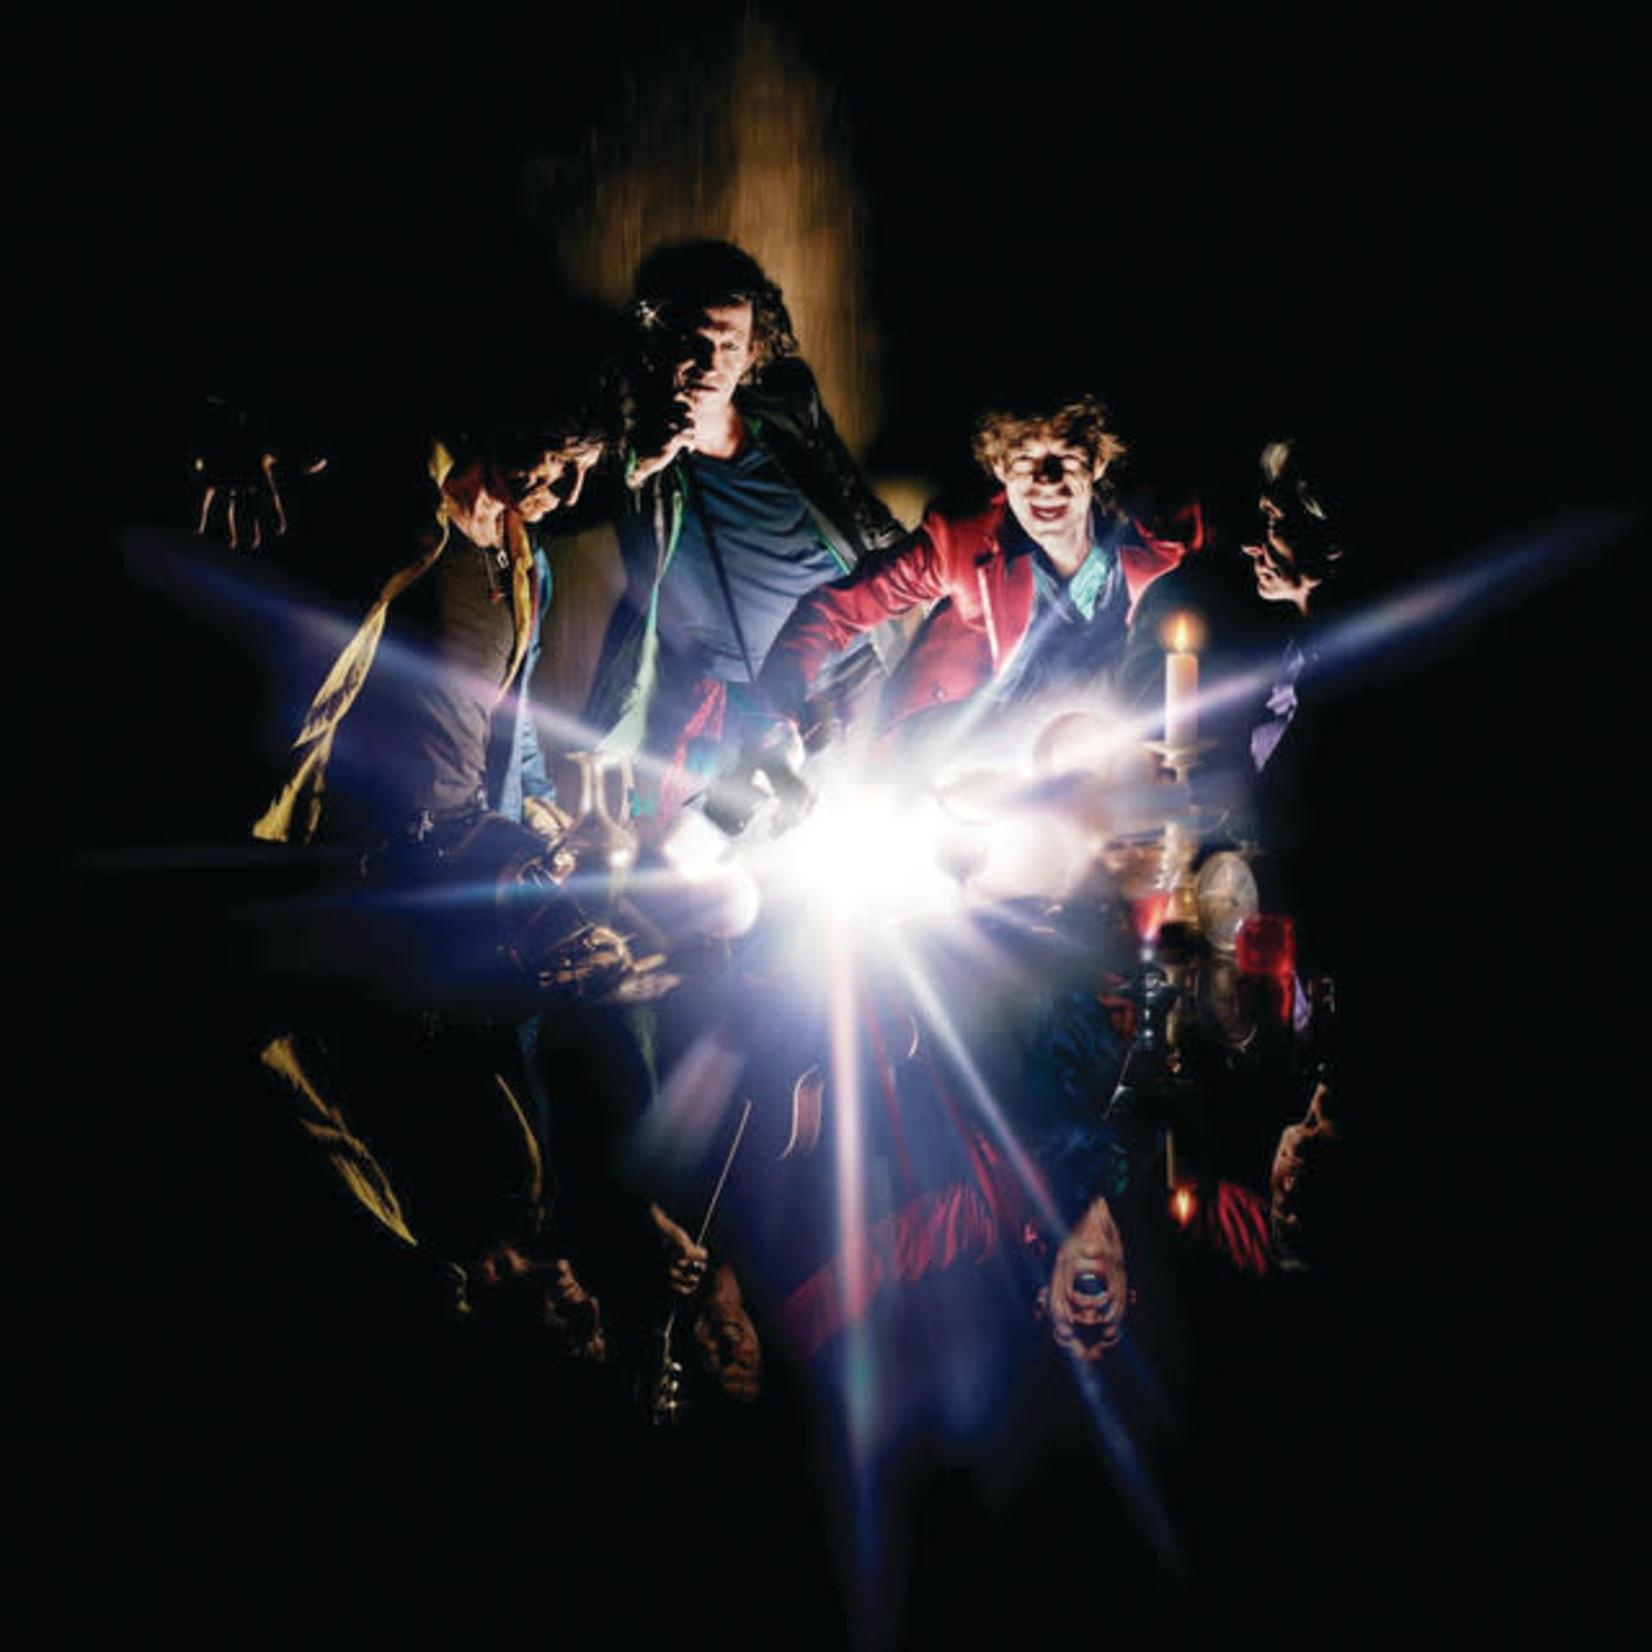 Vinyl The Rolling Stones - A Bigger Bang